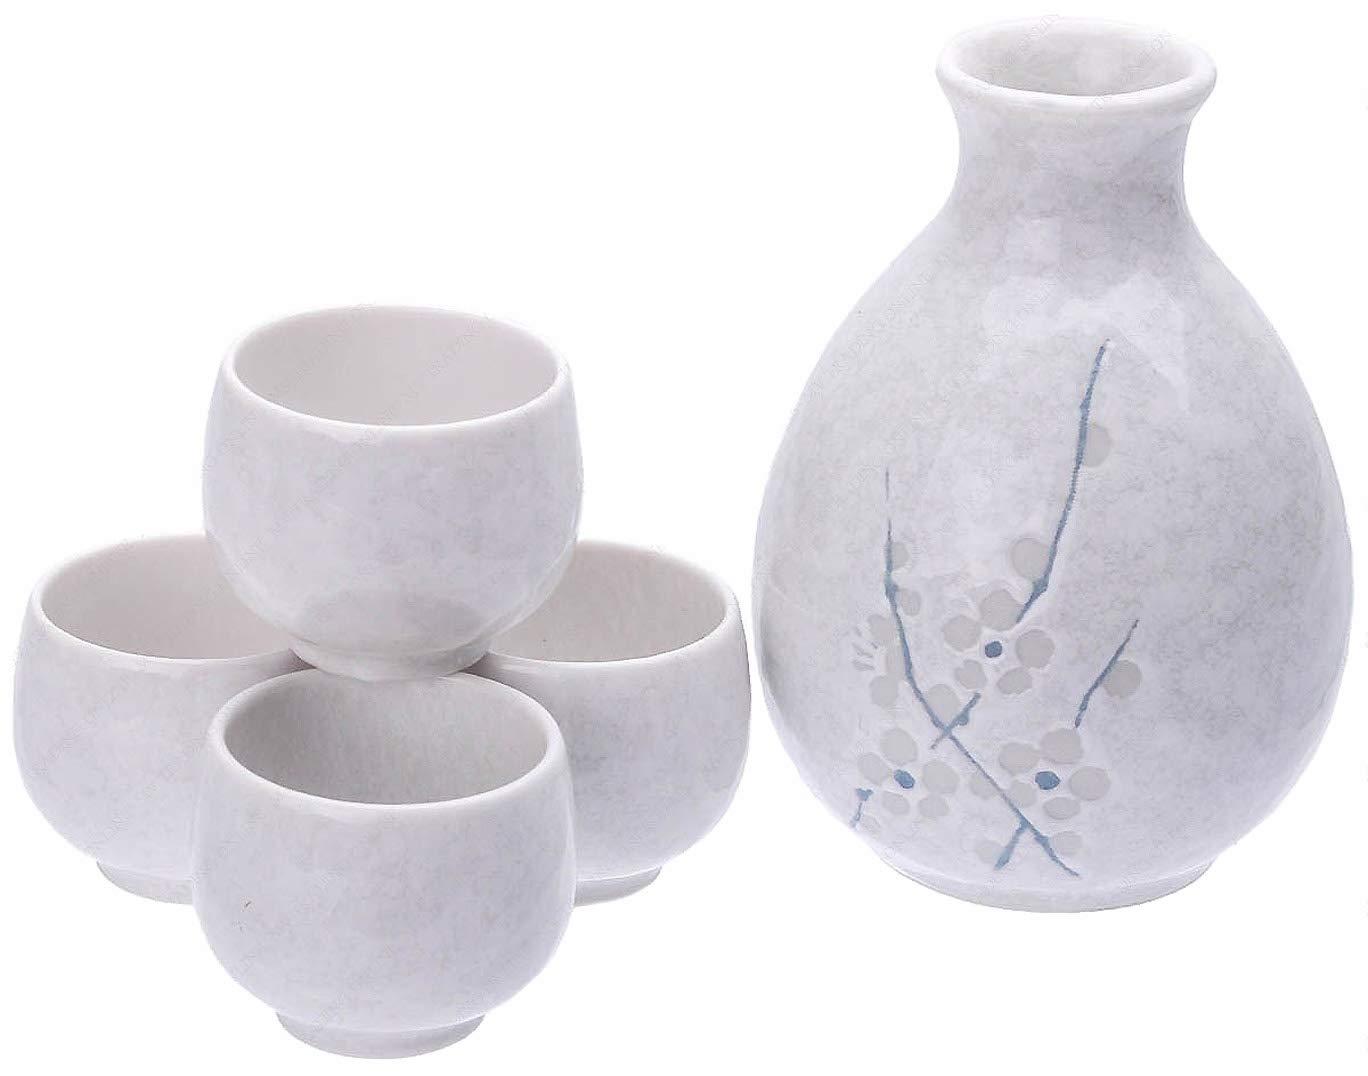 Happy Sales HSSS-WHCH33, Japanese Sake set Sake Server Sake Cups, White Cherry Blossom